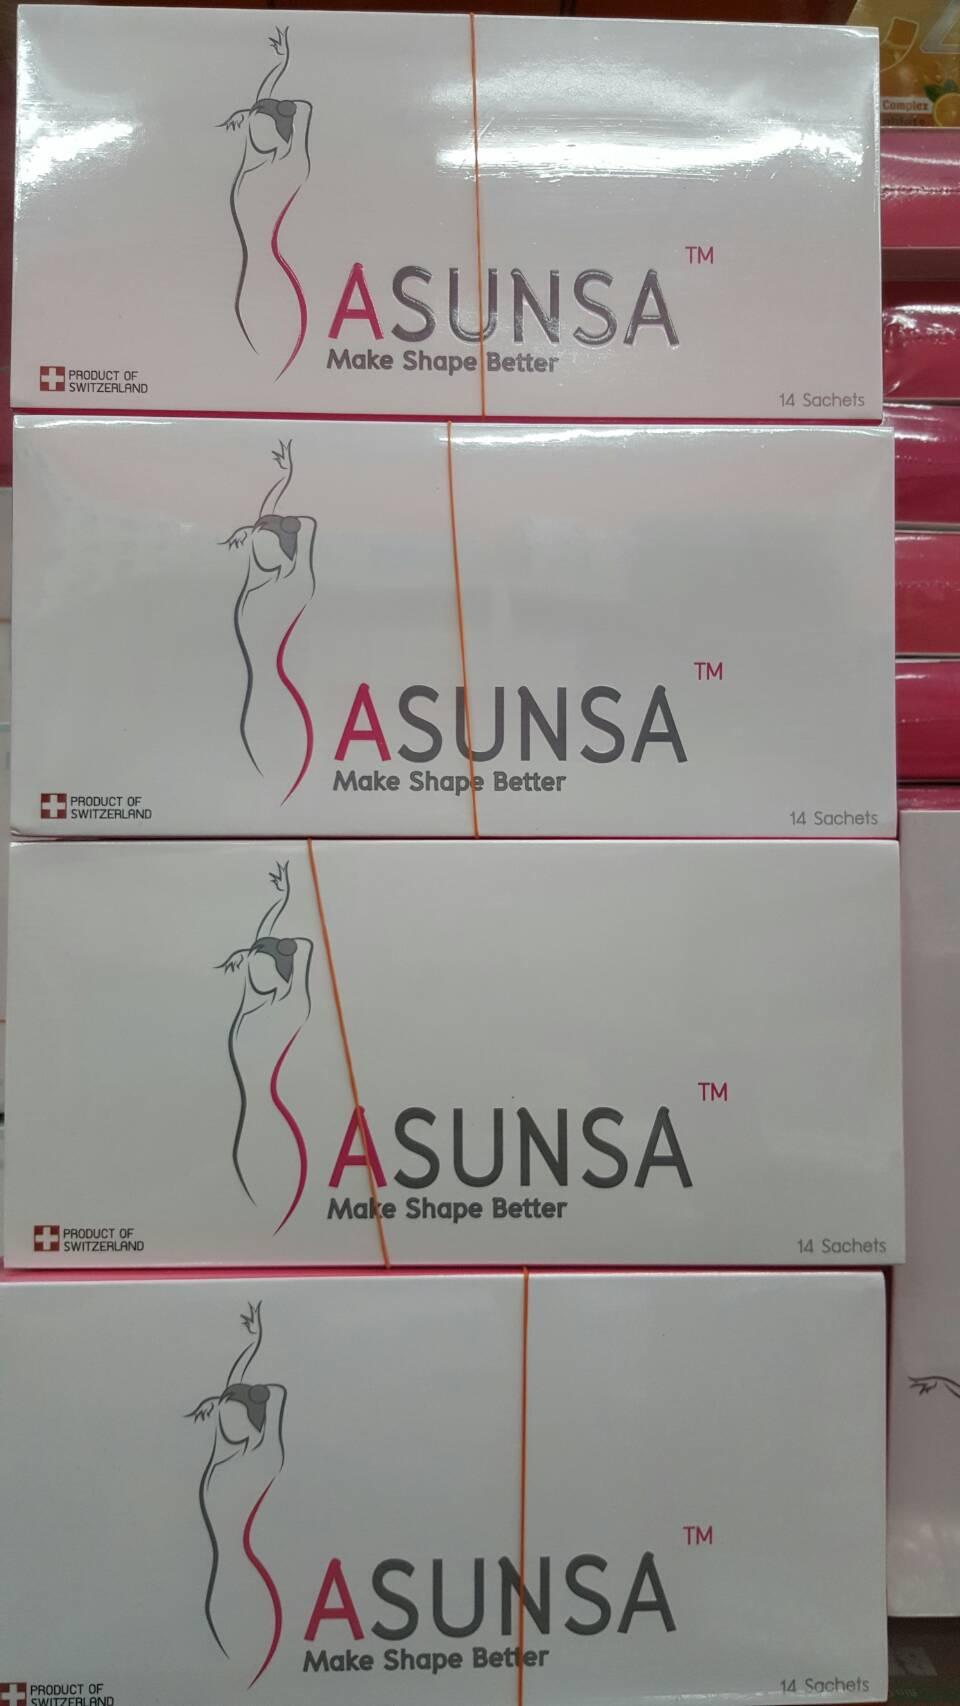 SASUNSA Make Shape Better ผลิตภัณฑ์เสริมอาหาร(ราคาโปรโมชั่น)